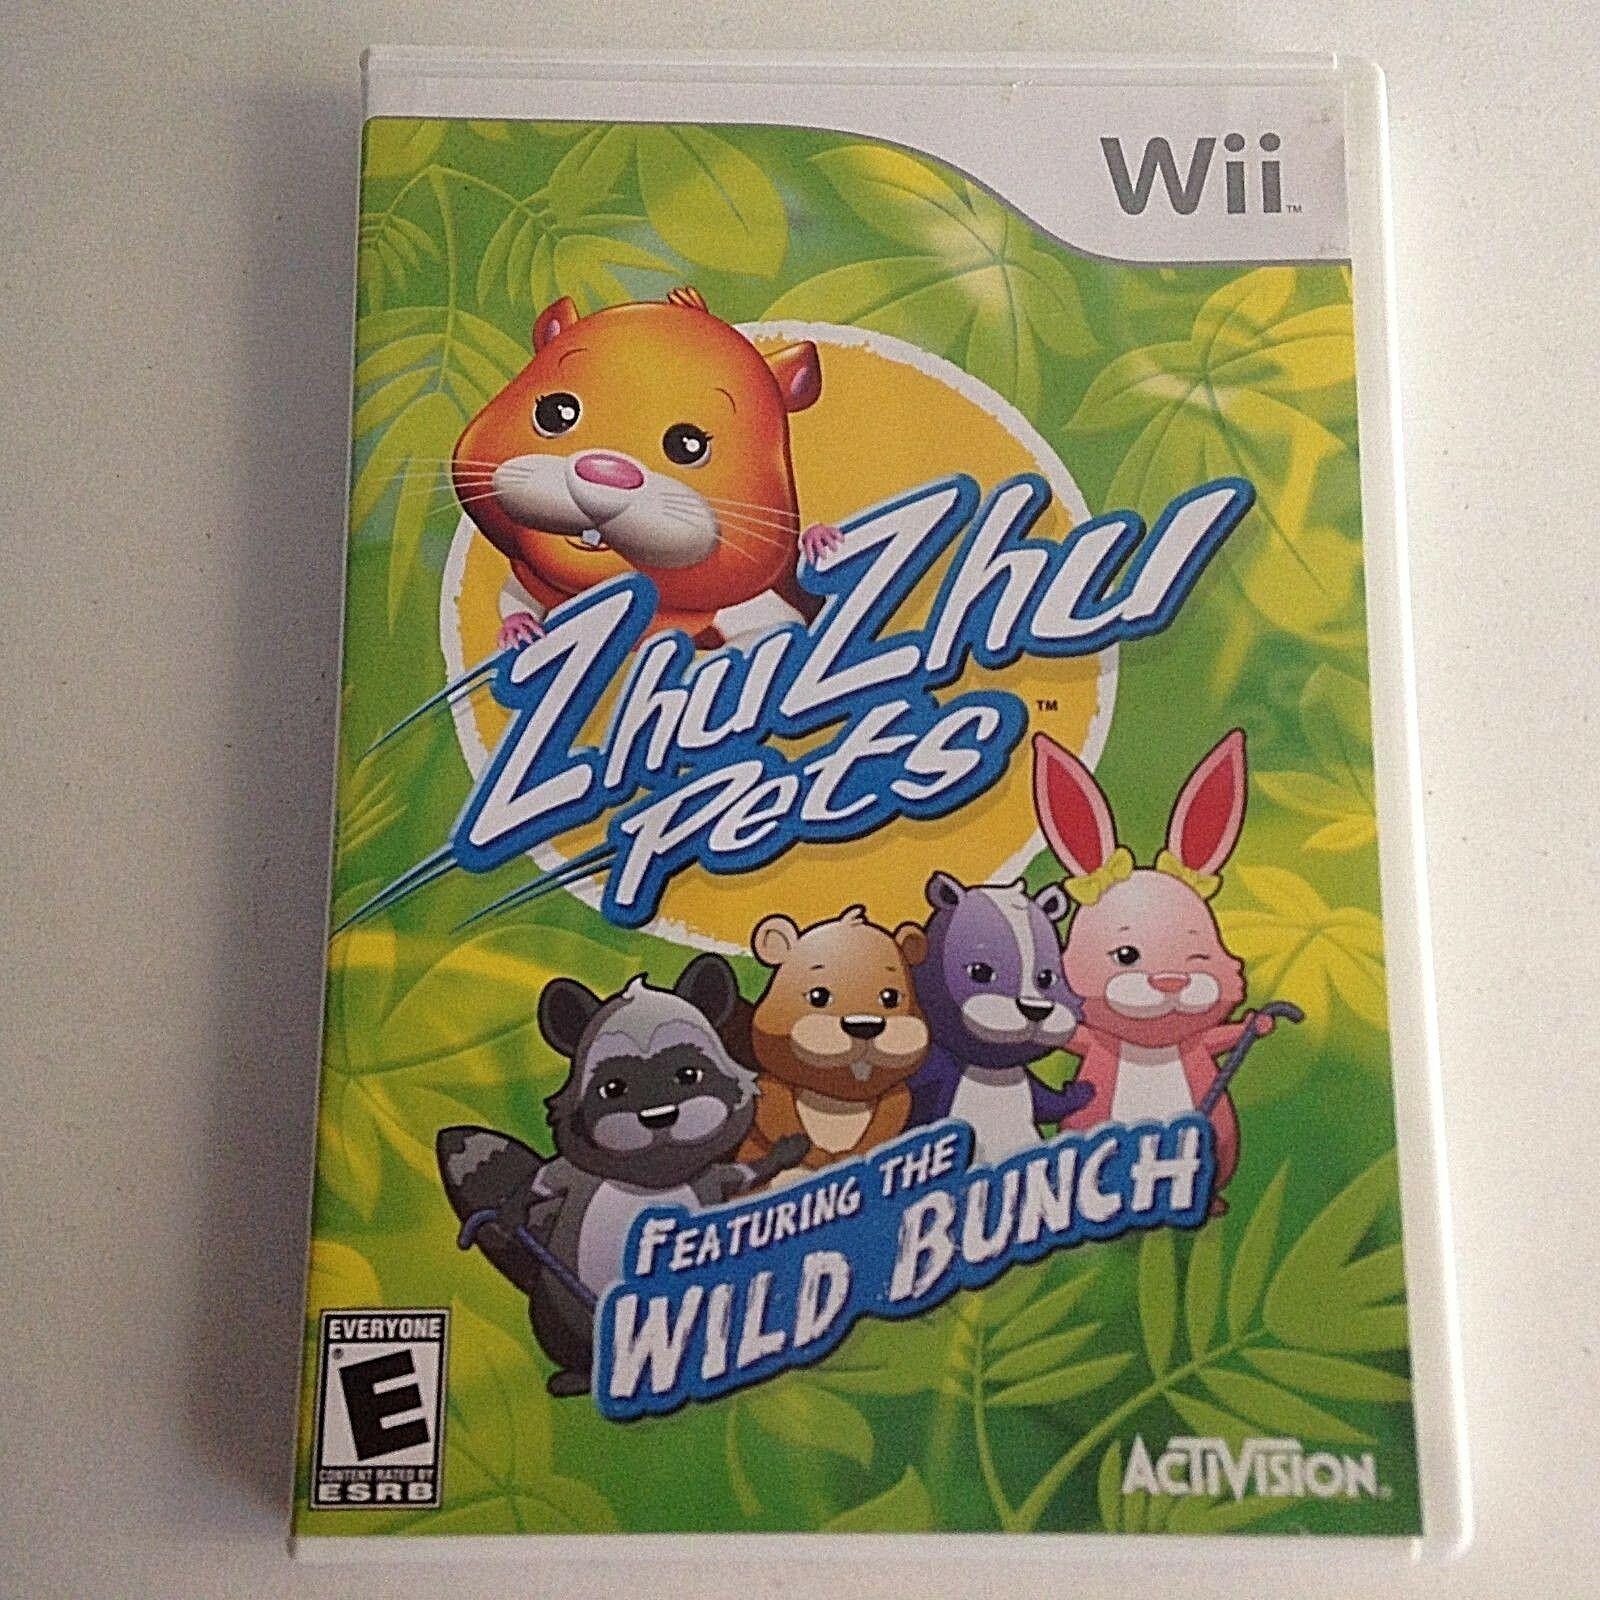 Zhu Zhu Pets Game: Featuring the Wild Bunch (Nintendo Wii, 2010)